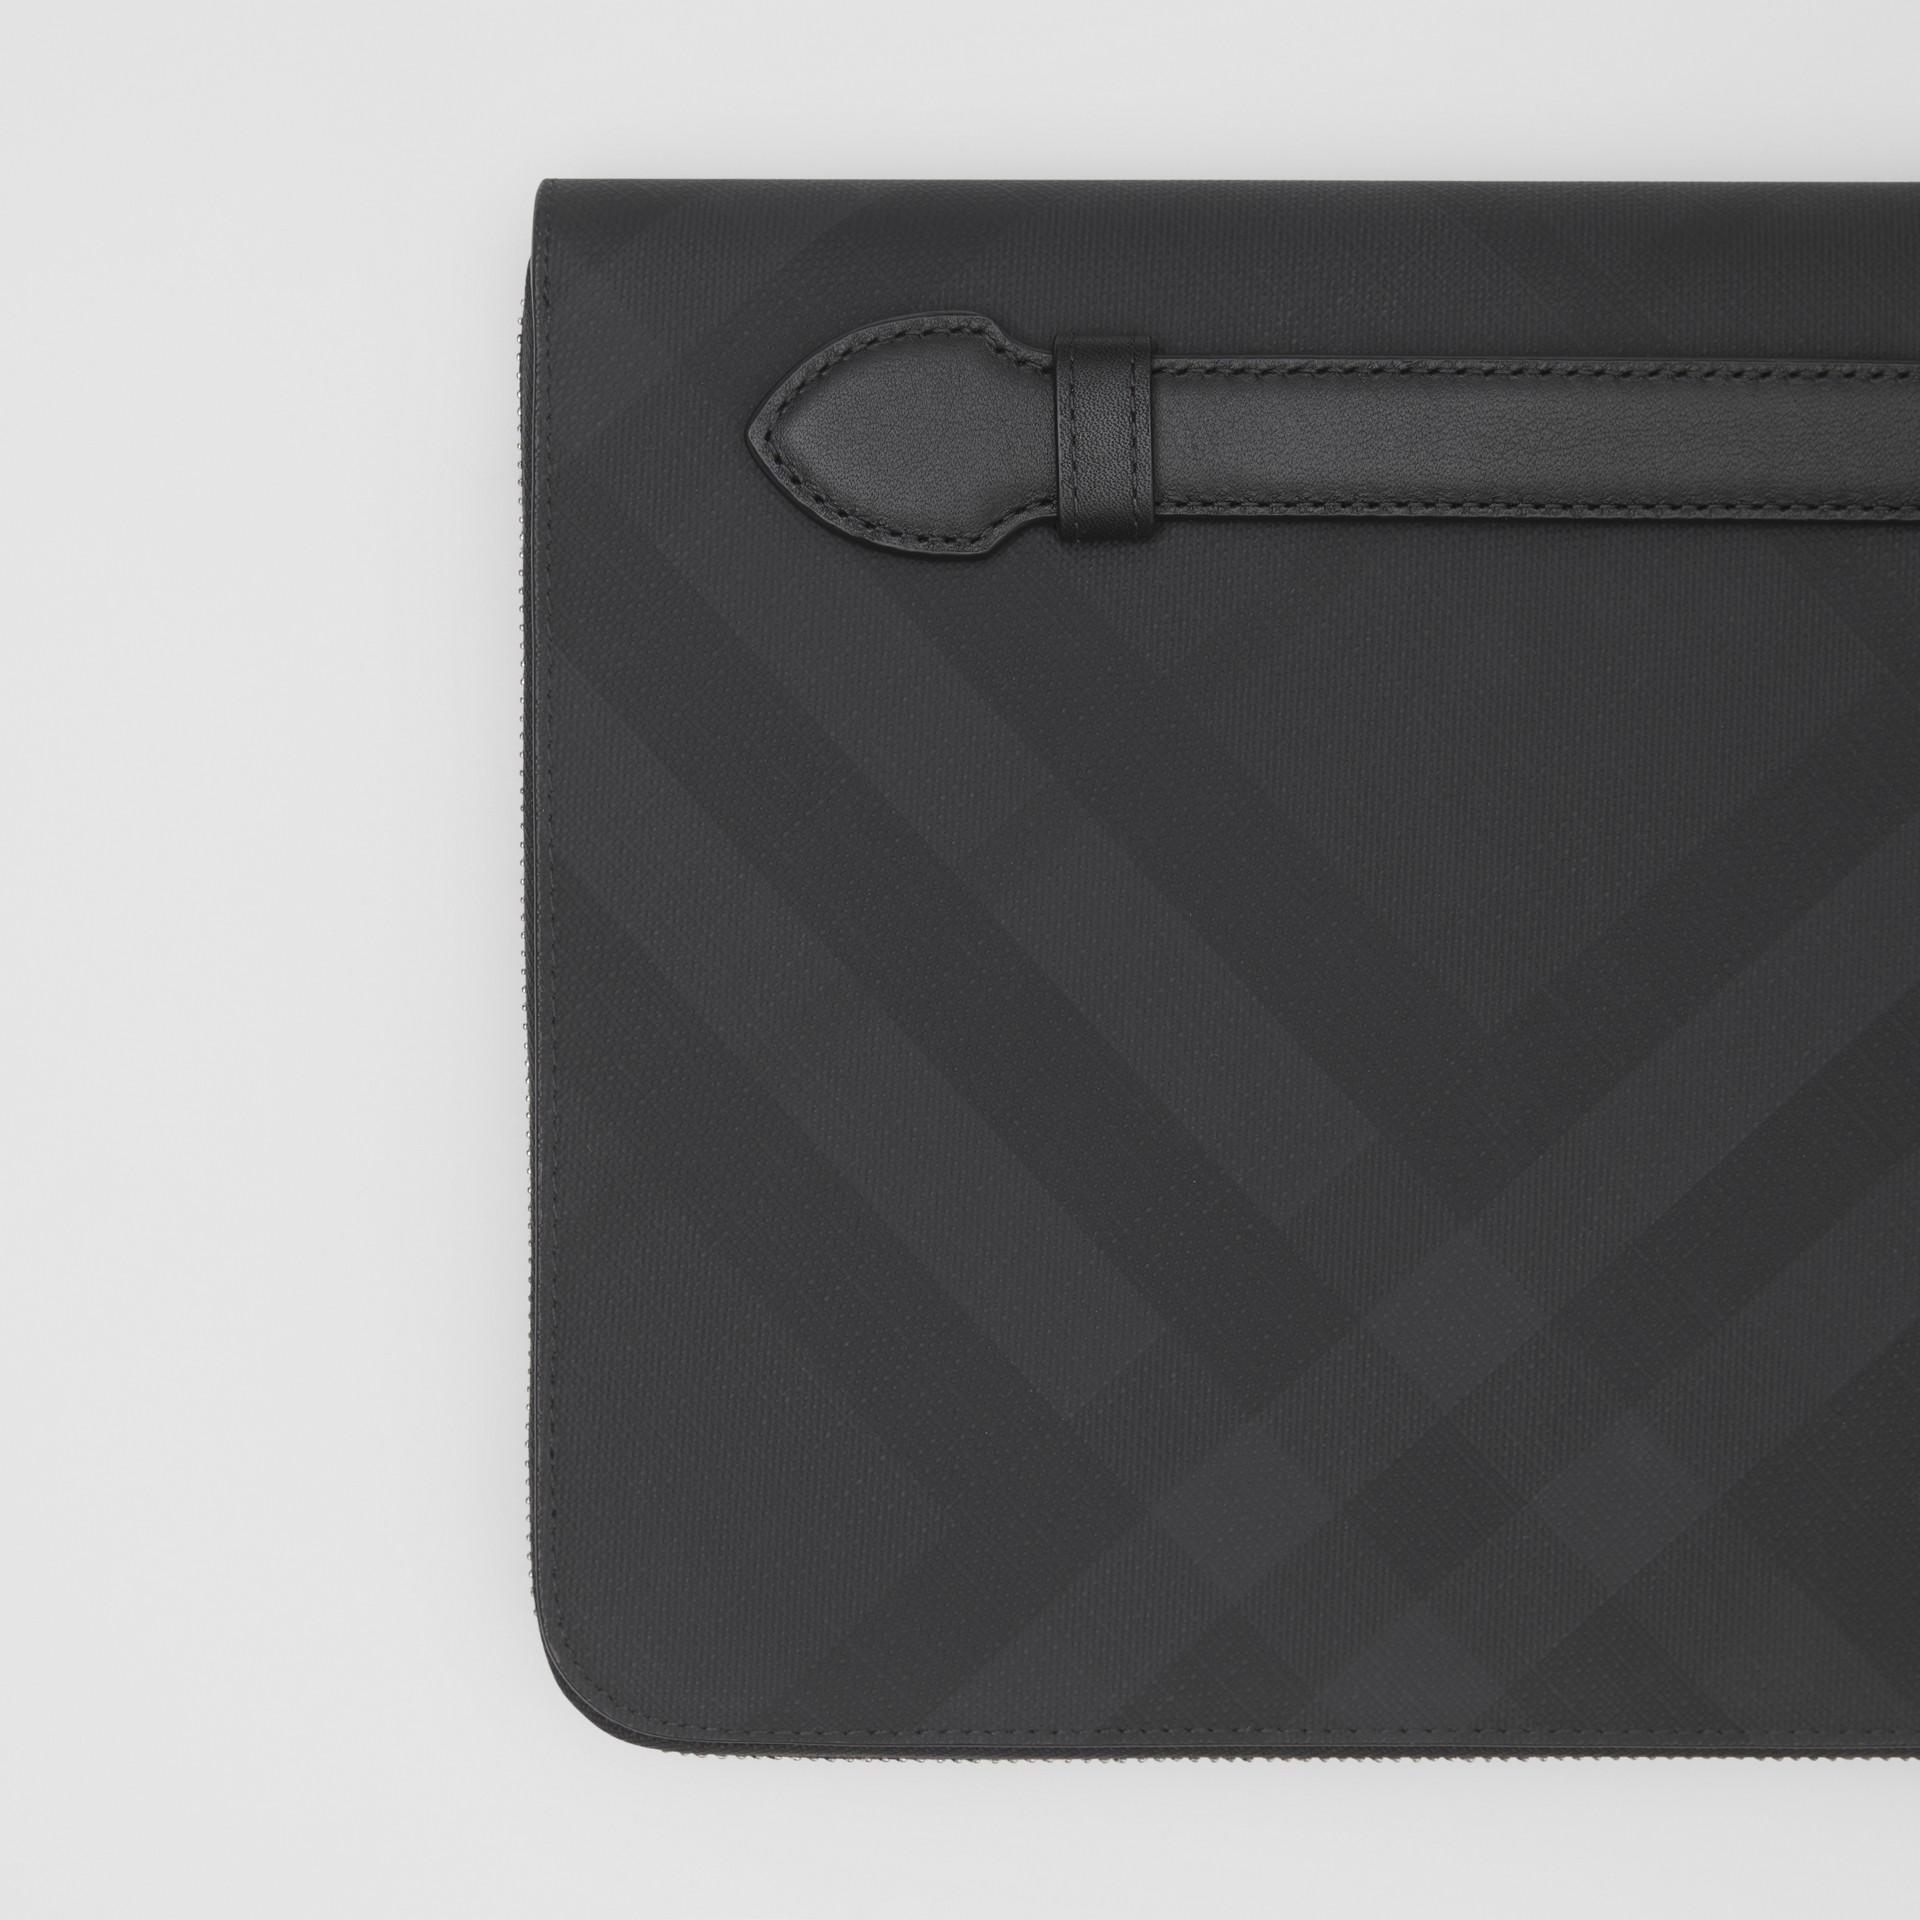 Pochette zippée en tissu London check et cuir (Anthracite Sombre) - Homme | Burberry - photo de la galerie 1